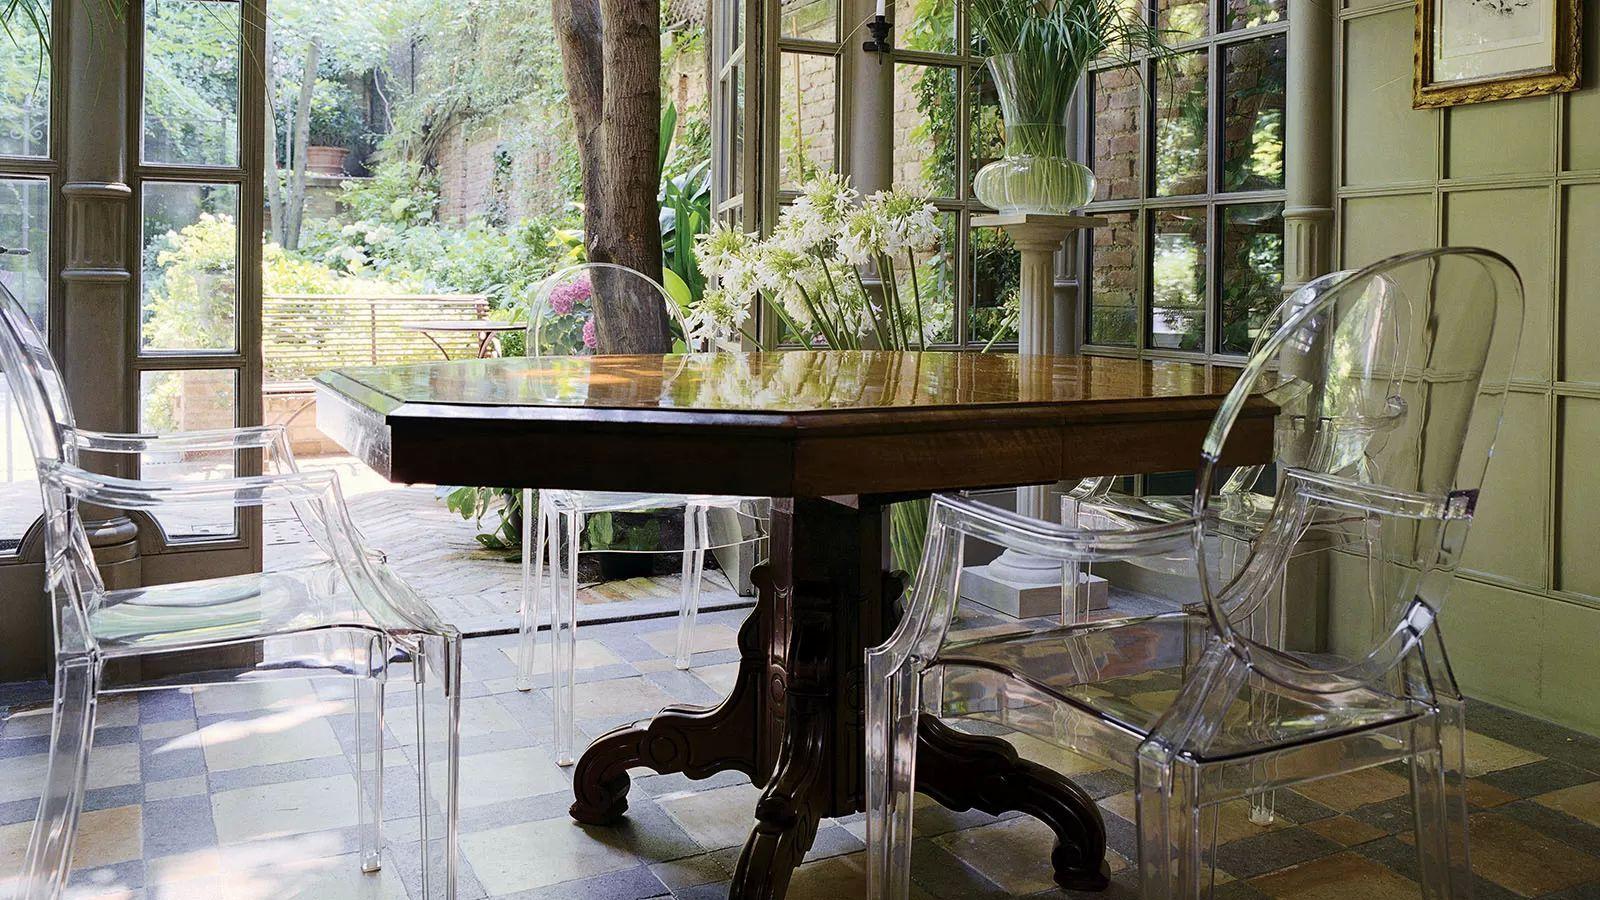 Louis ghost bu phillipe starck for kartell classic elegant